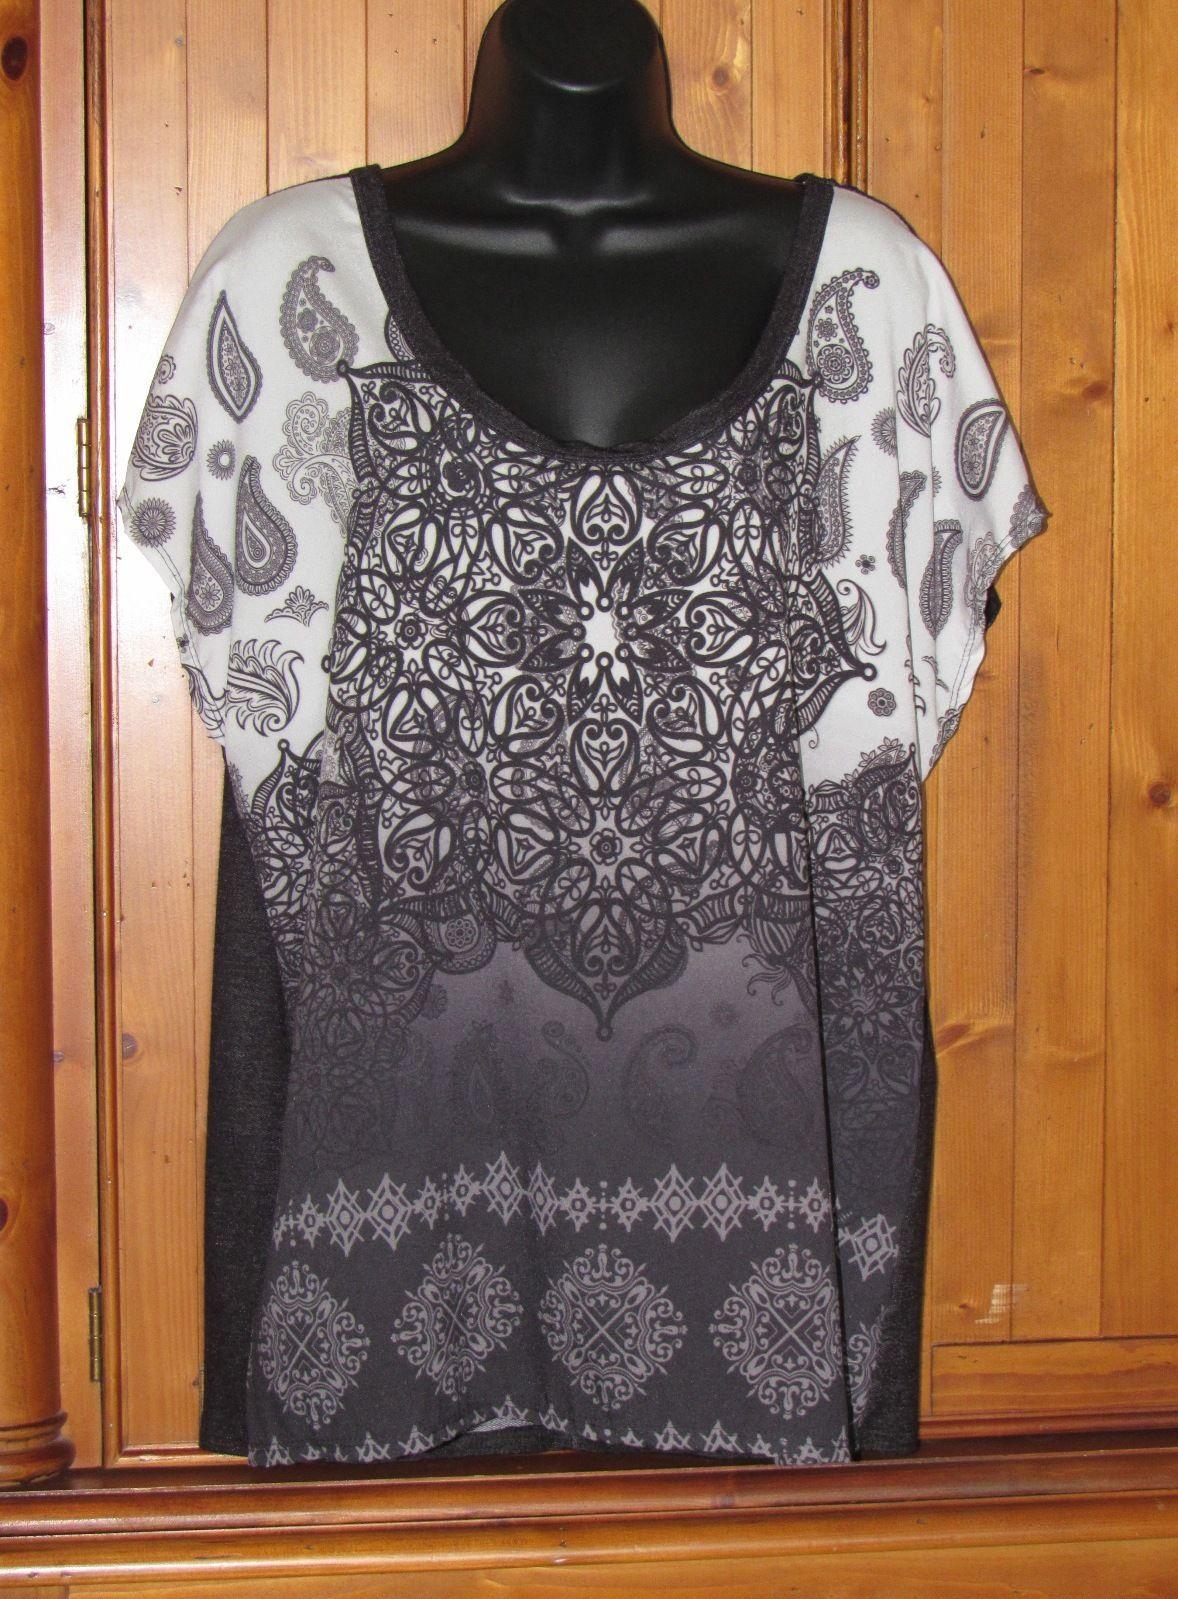 Lavish Women's Stretch Knit Black White Paisley Print Top Size: 1X